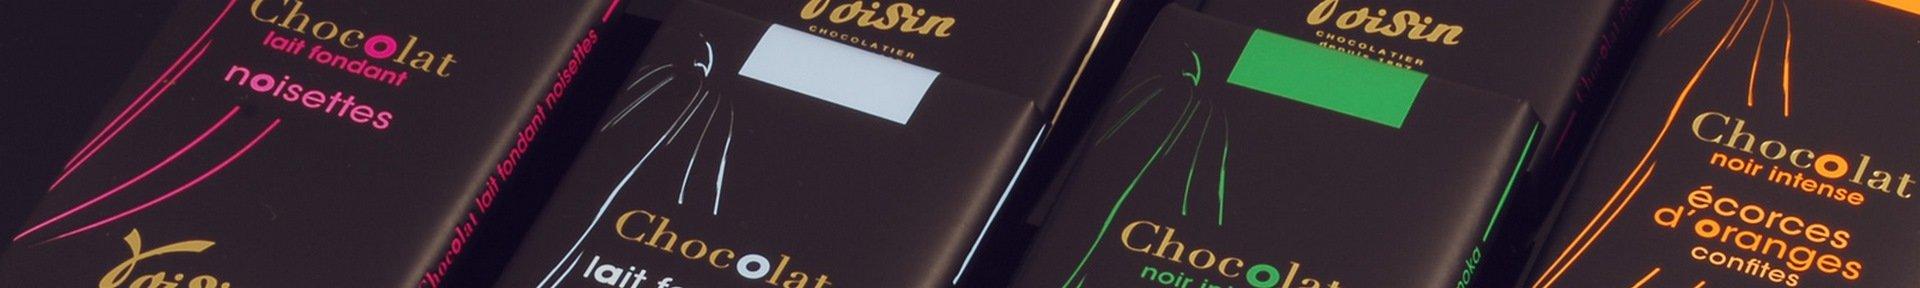 Etalage des tablettes de chocolat Voisin